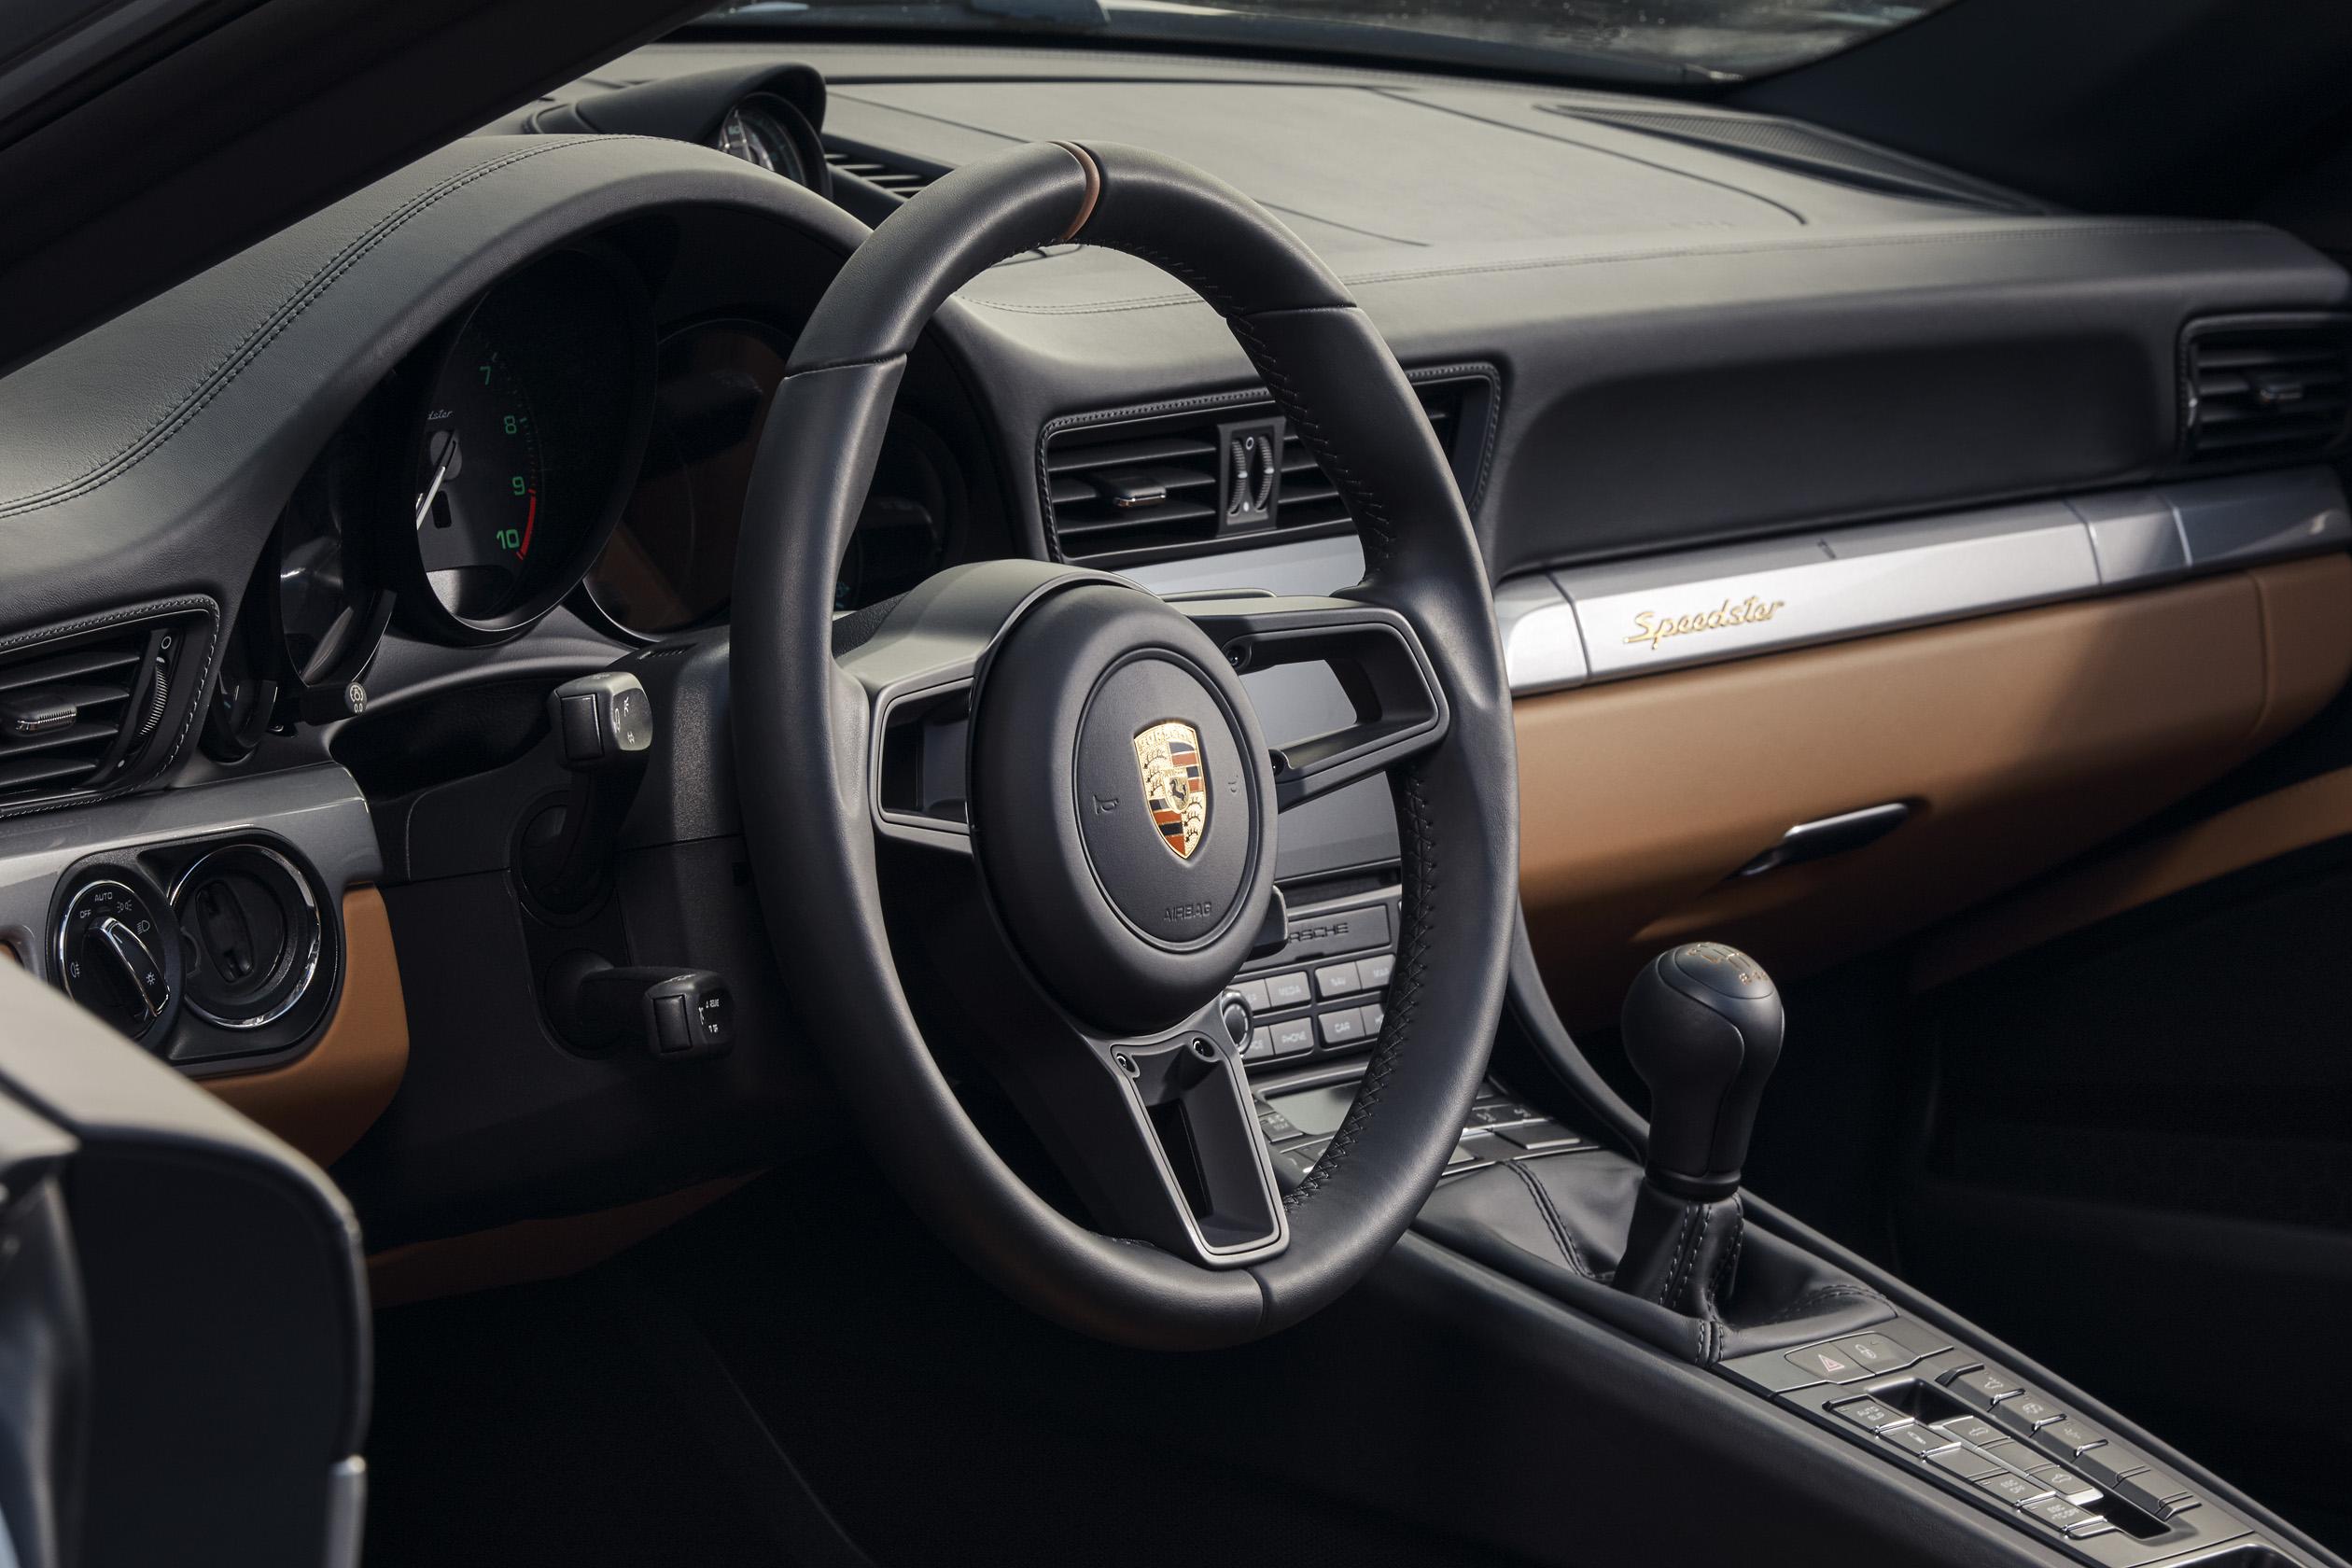 Porsche 911 Speedster steering wheel